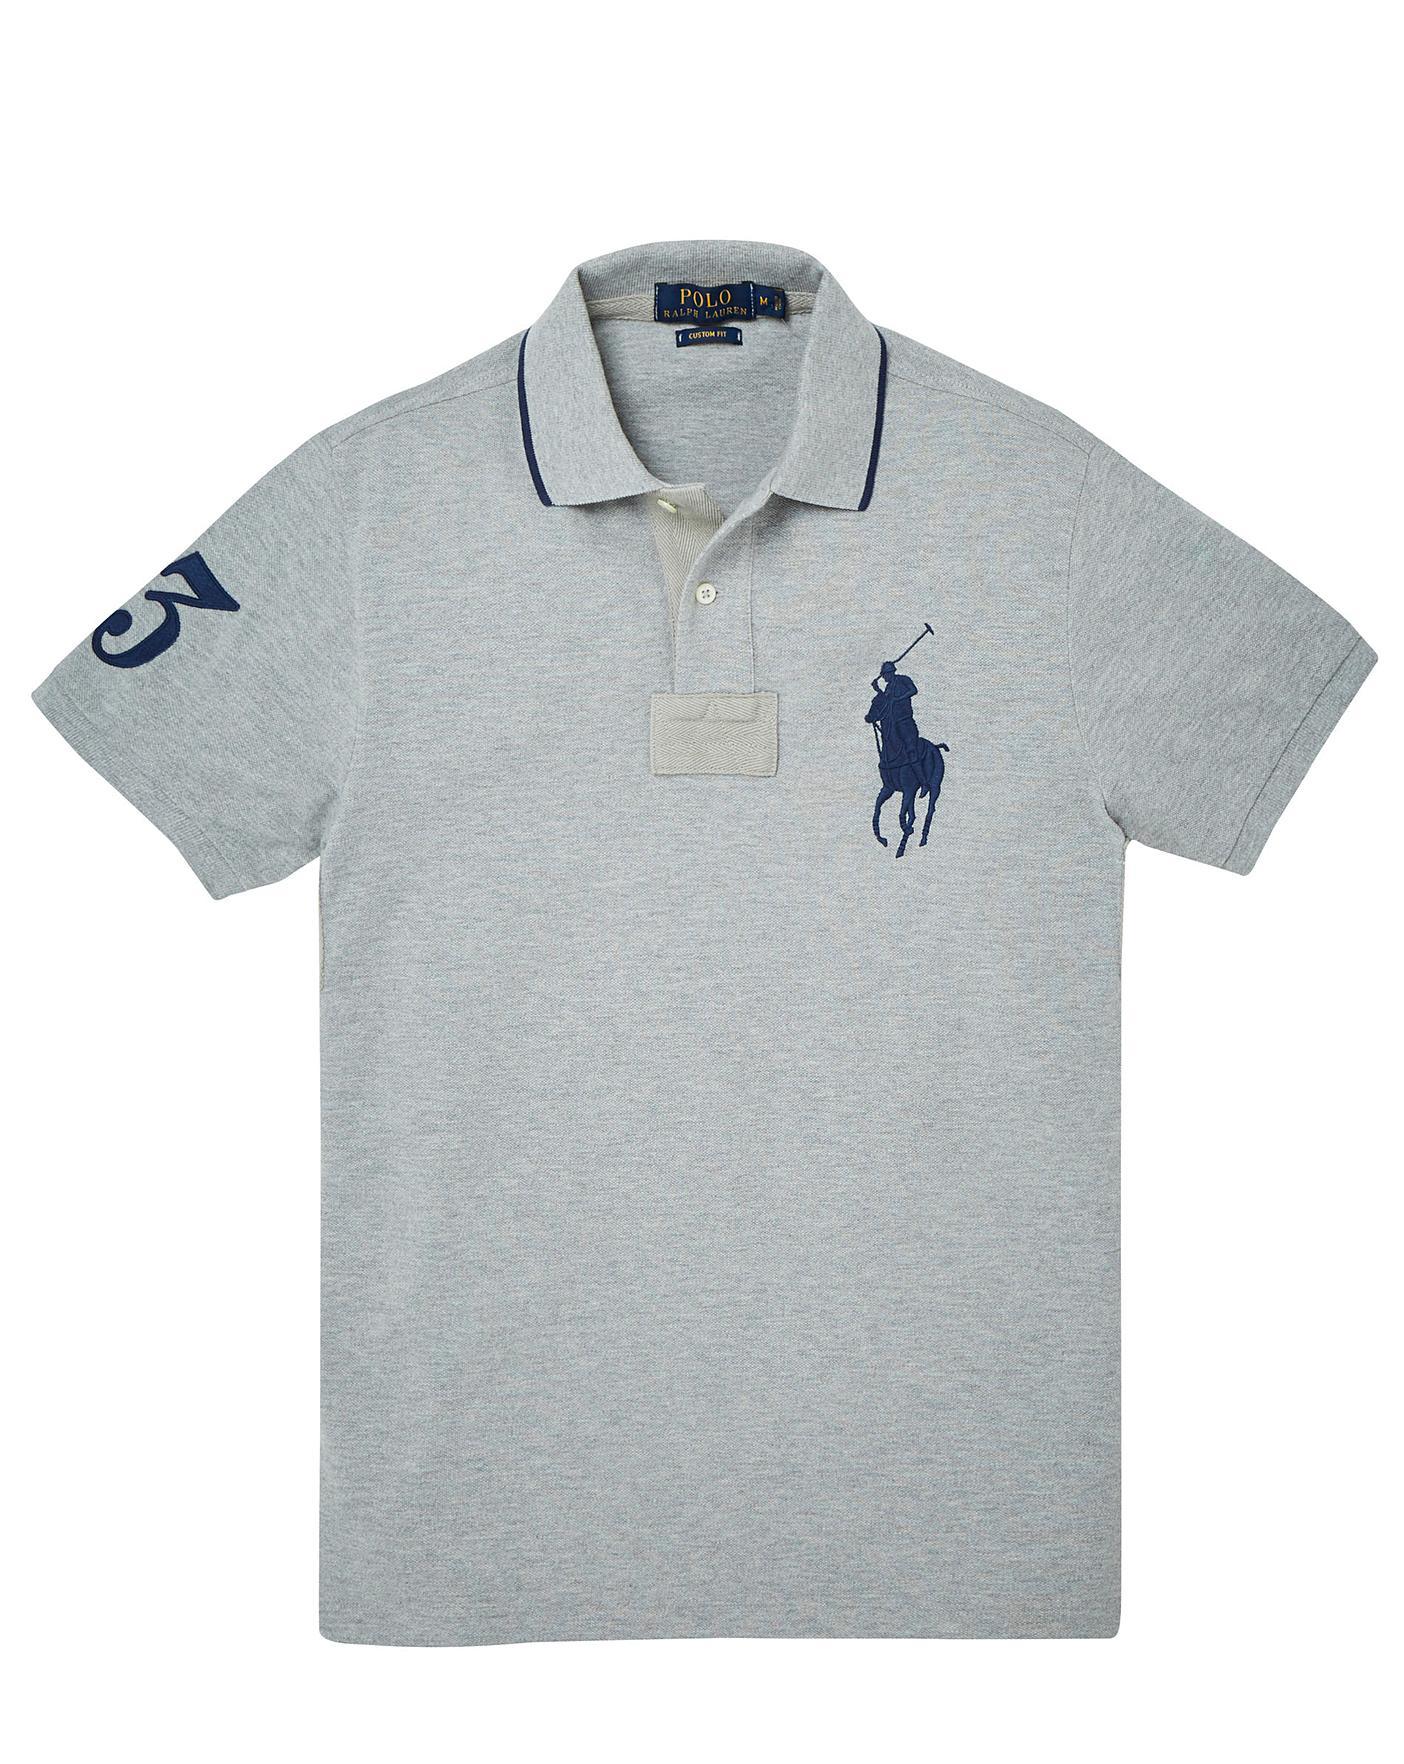 61335bf3 Polo Ralph Lauren Tall Big Pony Polo